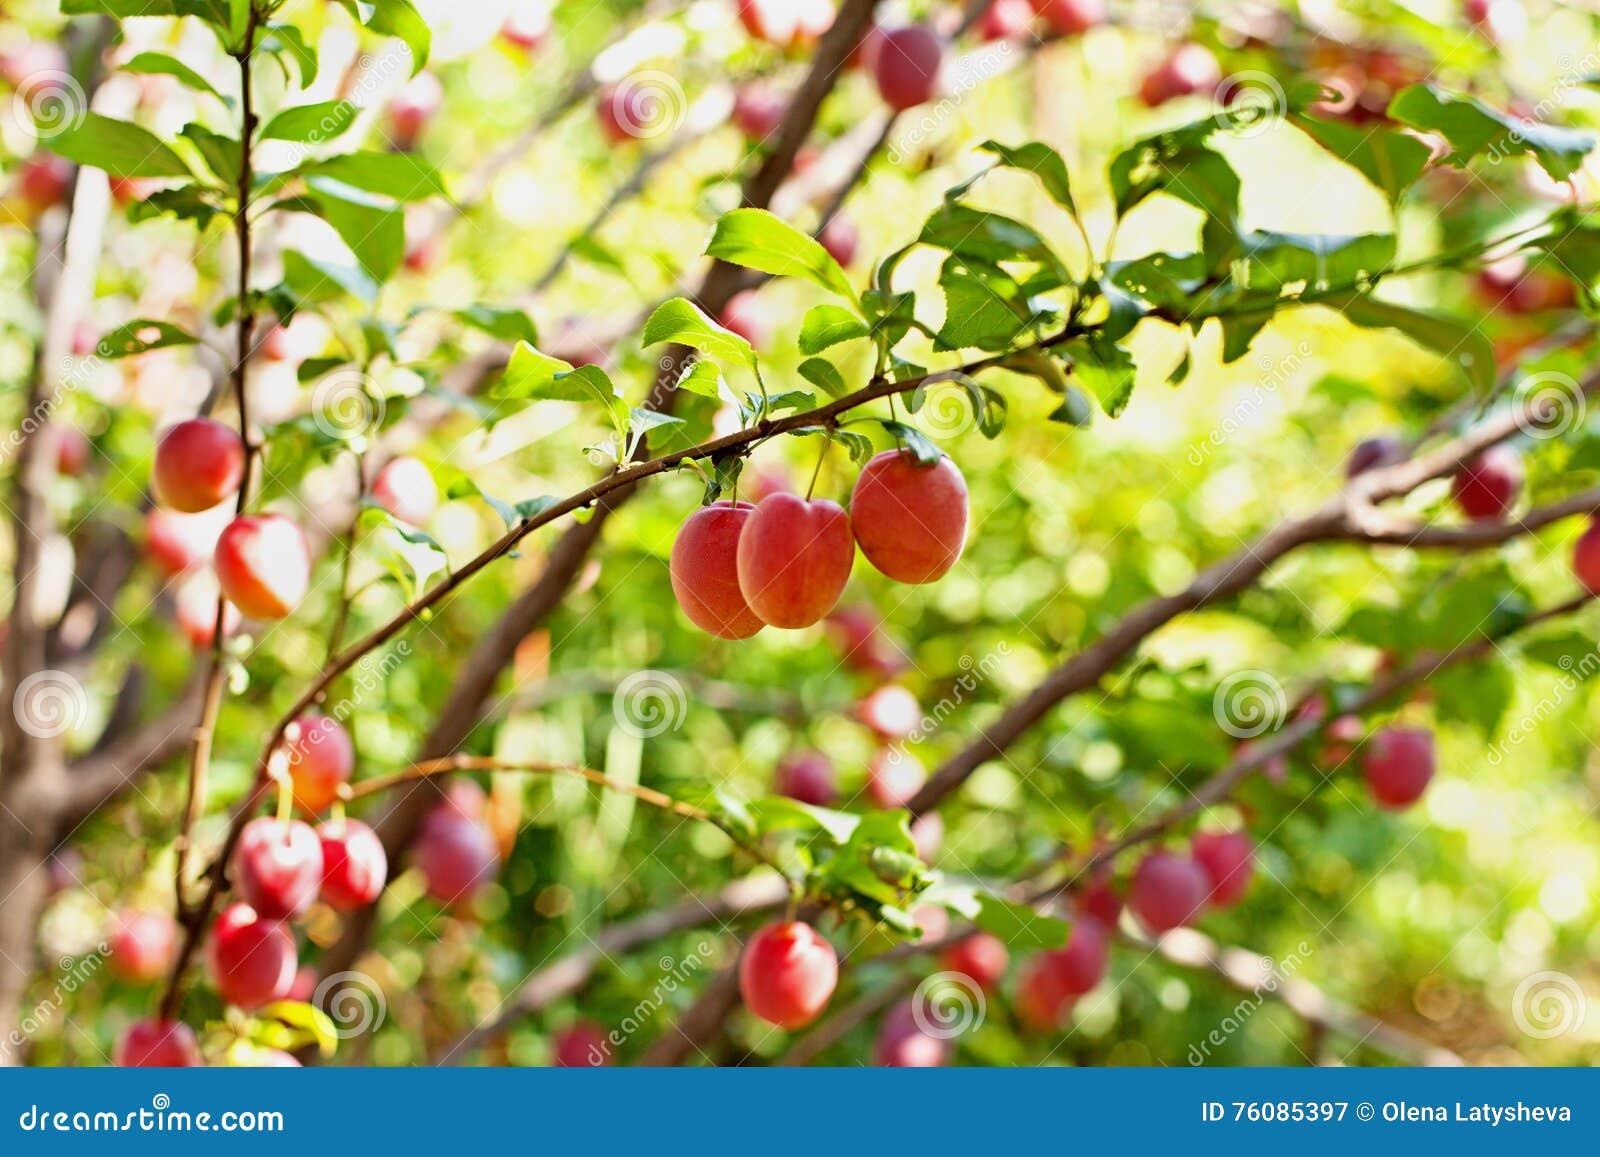 Cerise-prunes sur les branches